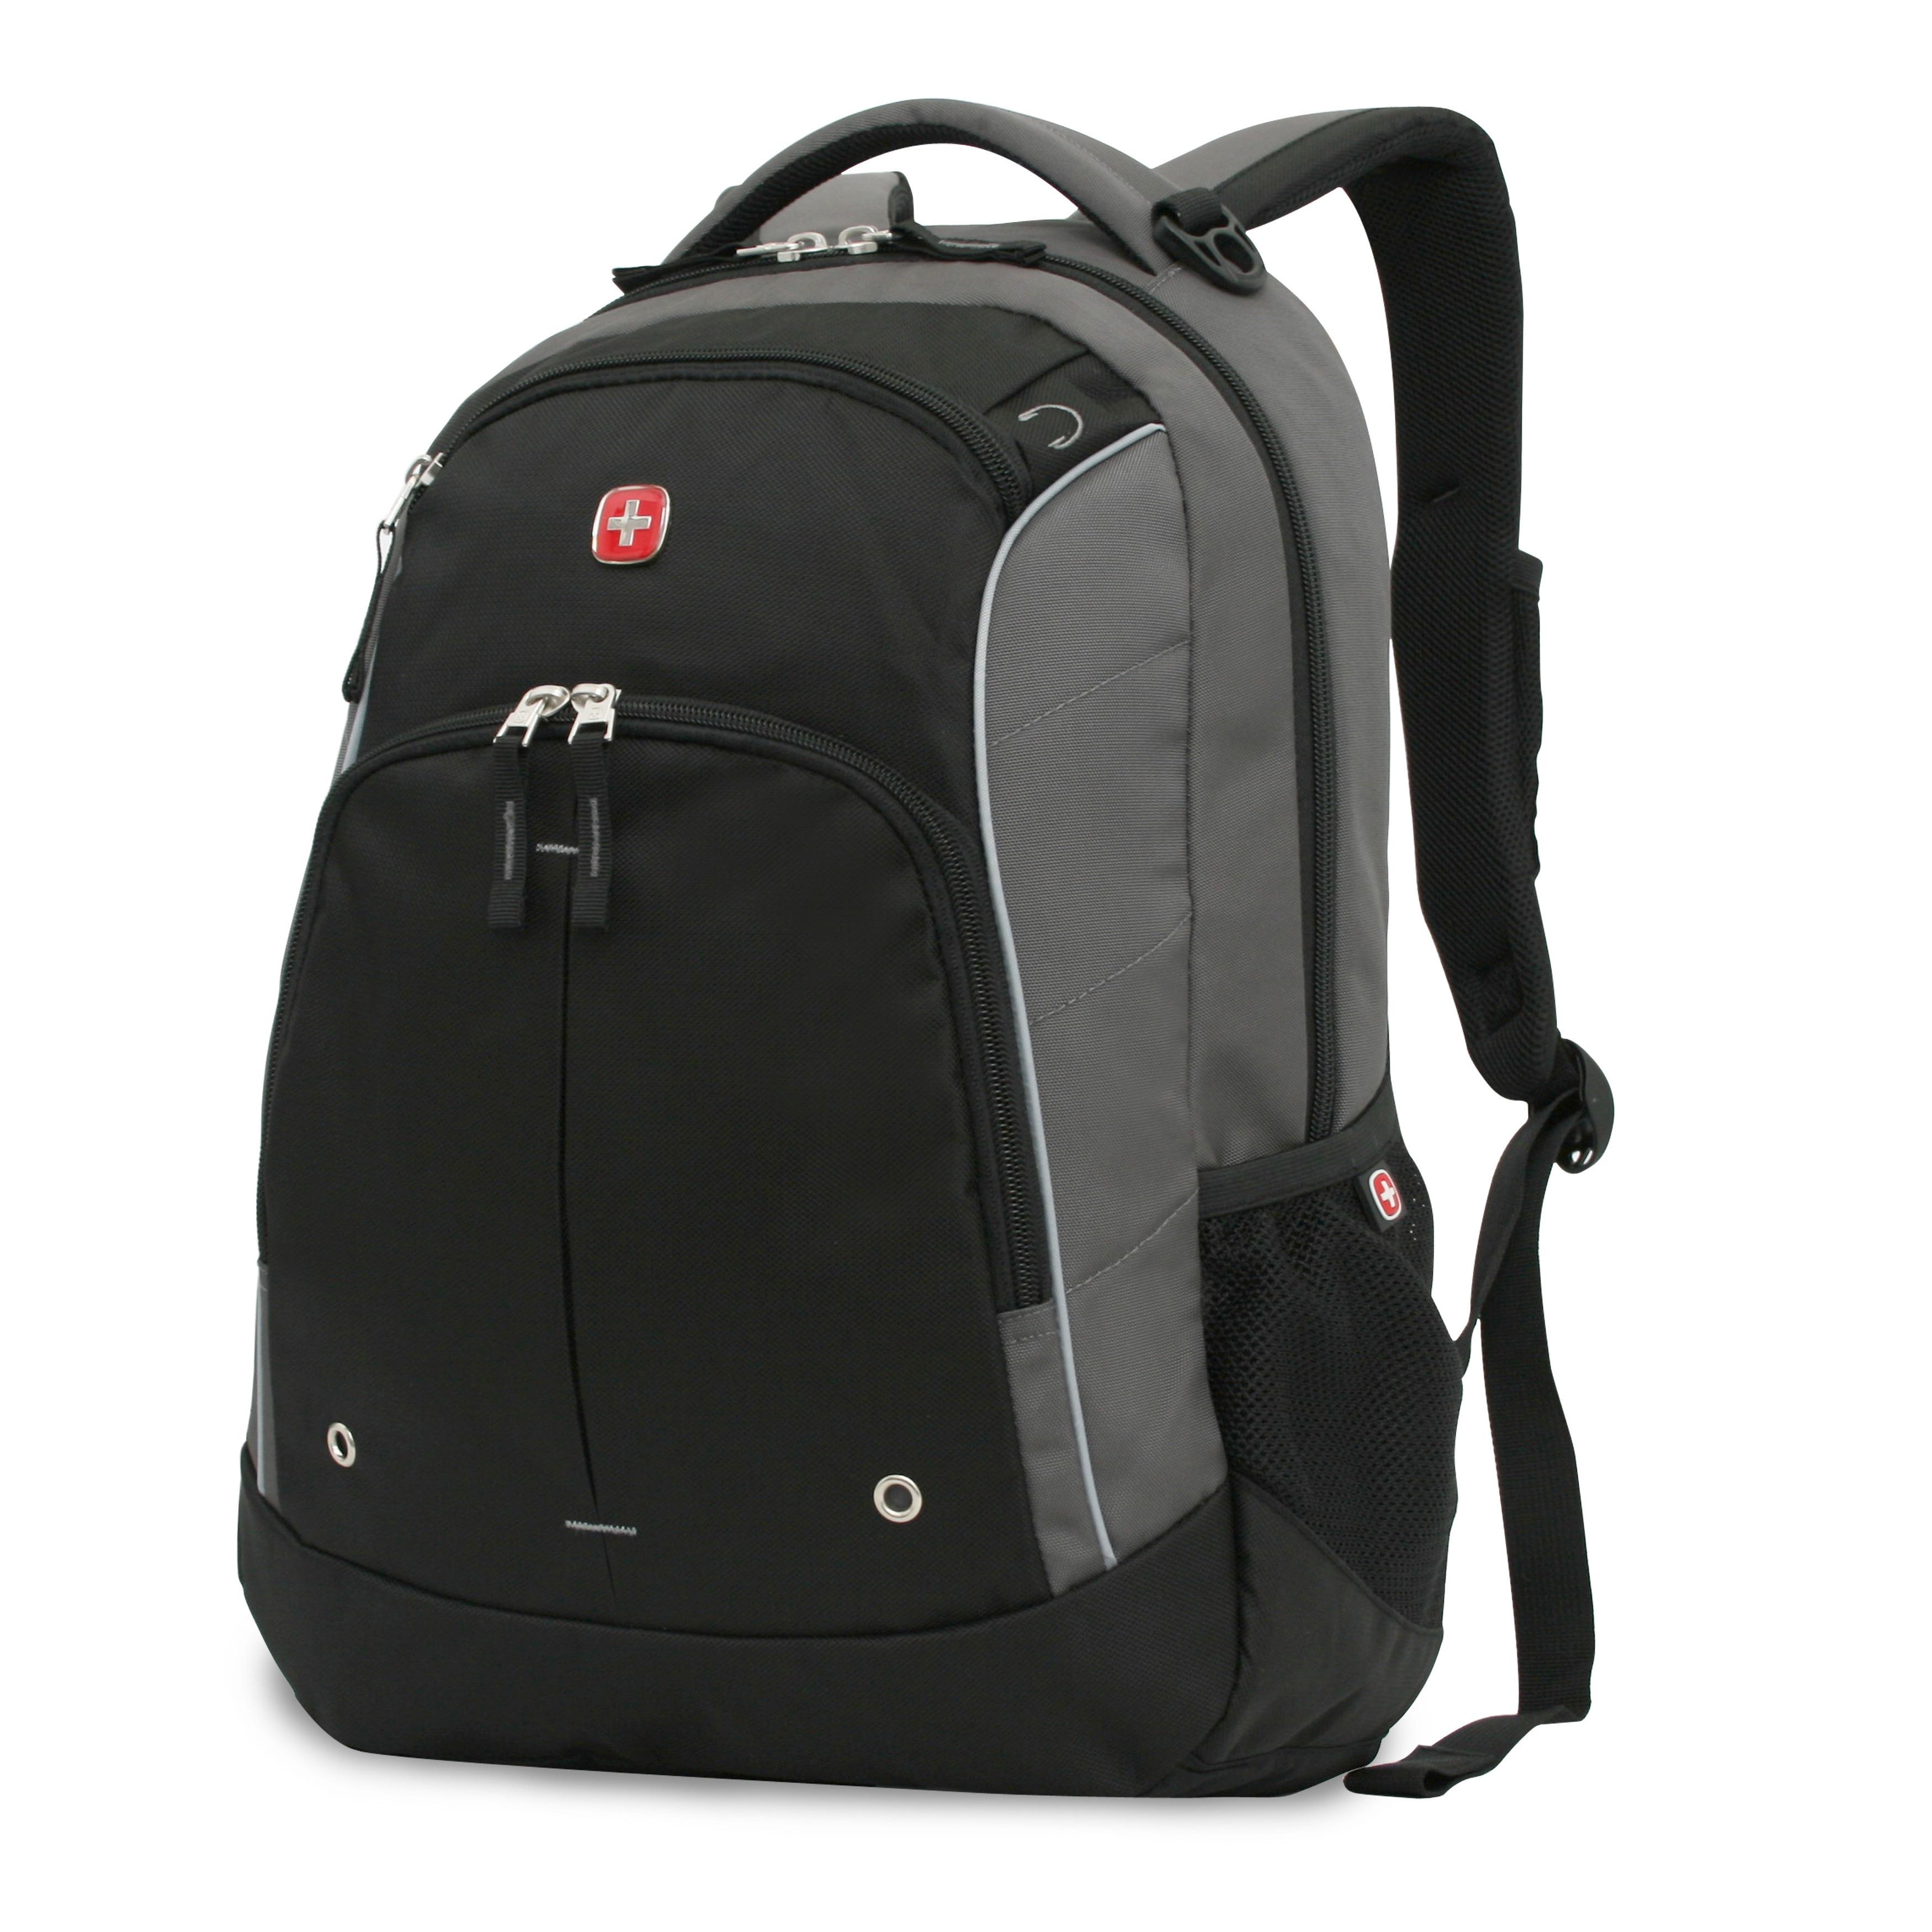 bf3d4df6ea4c SwissGear Backpacks